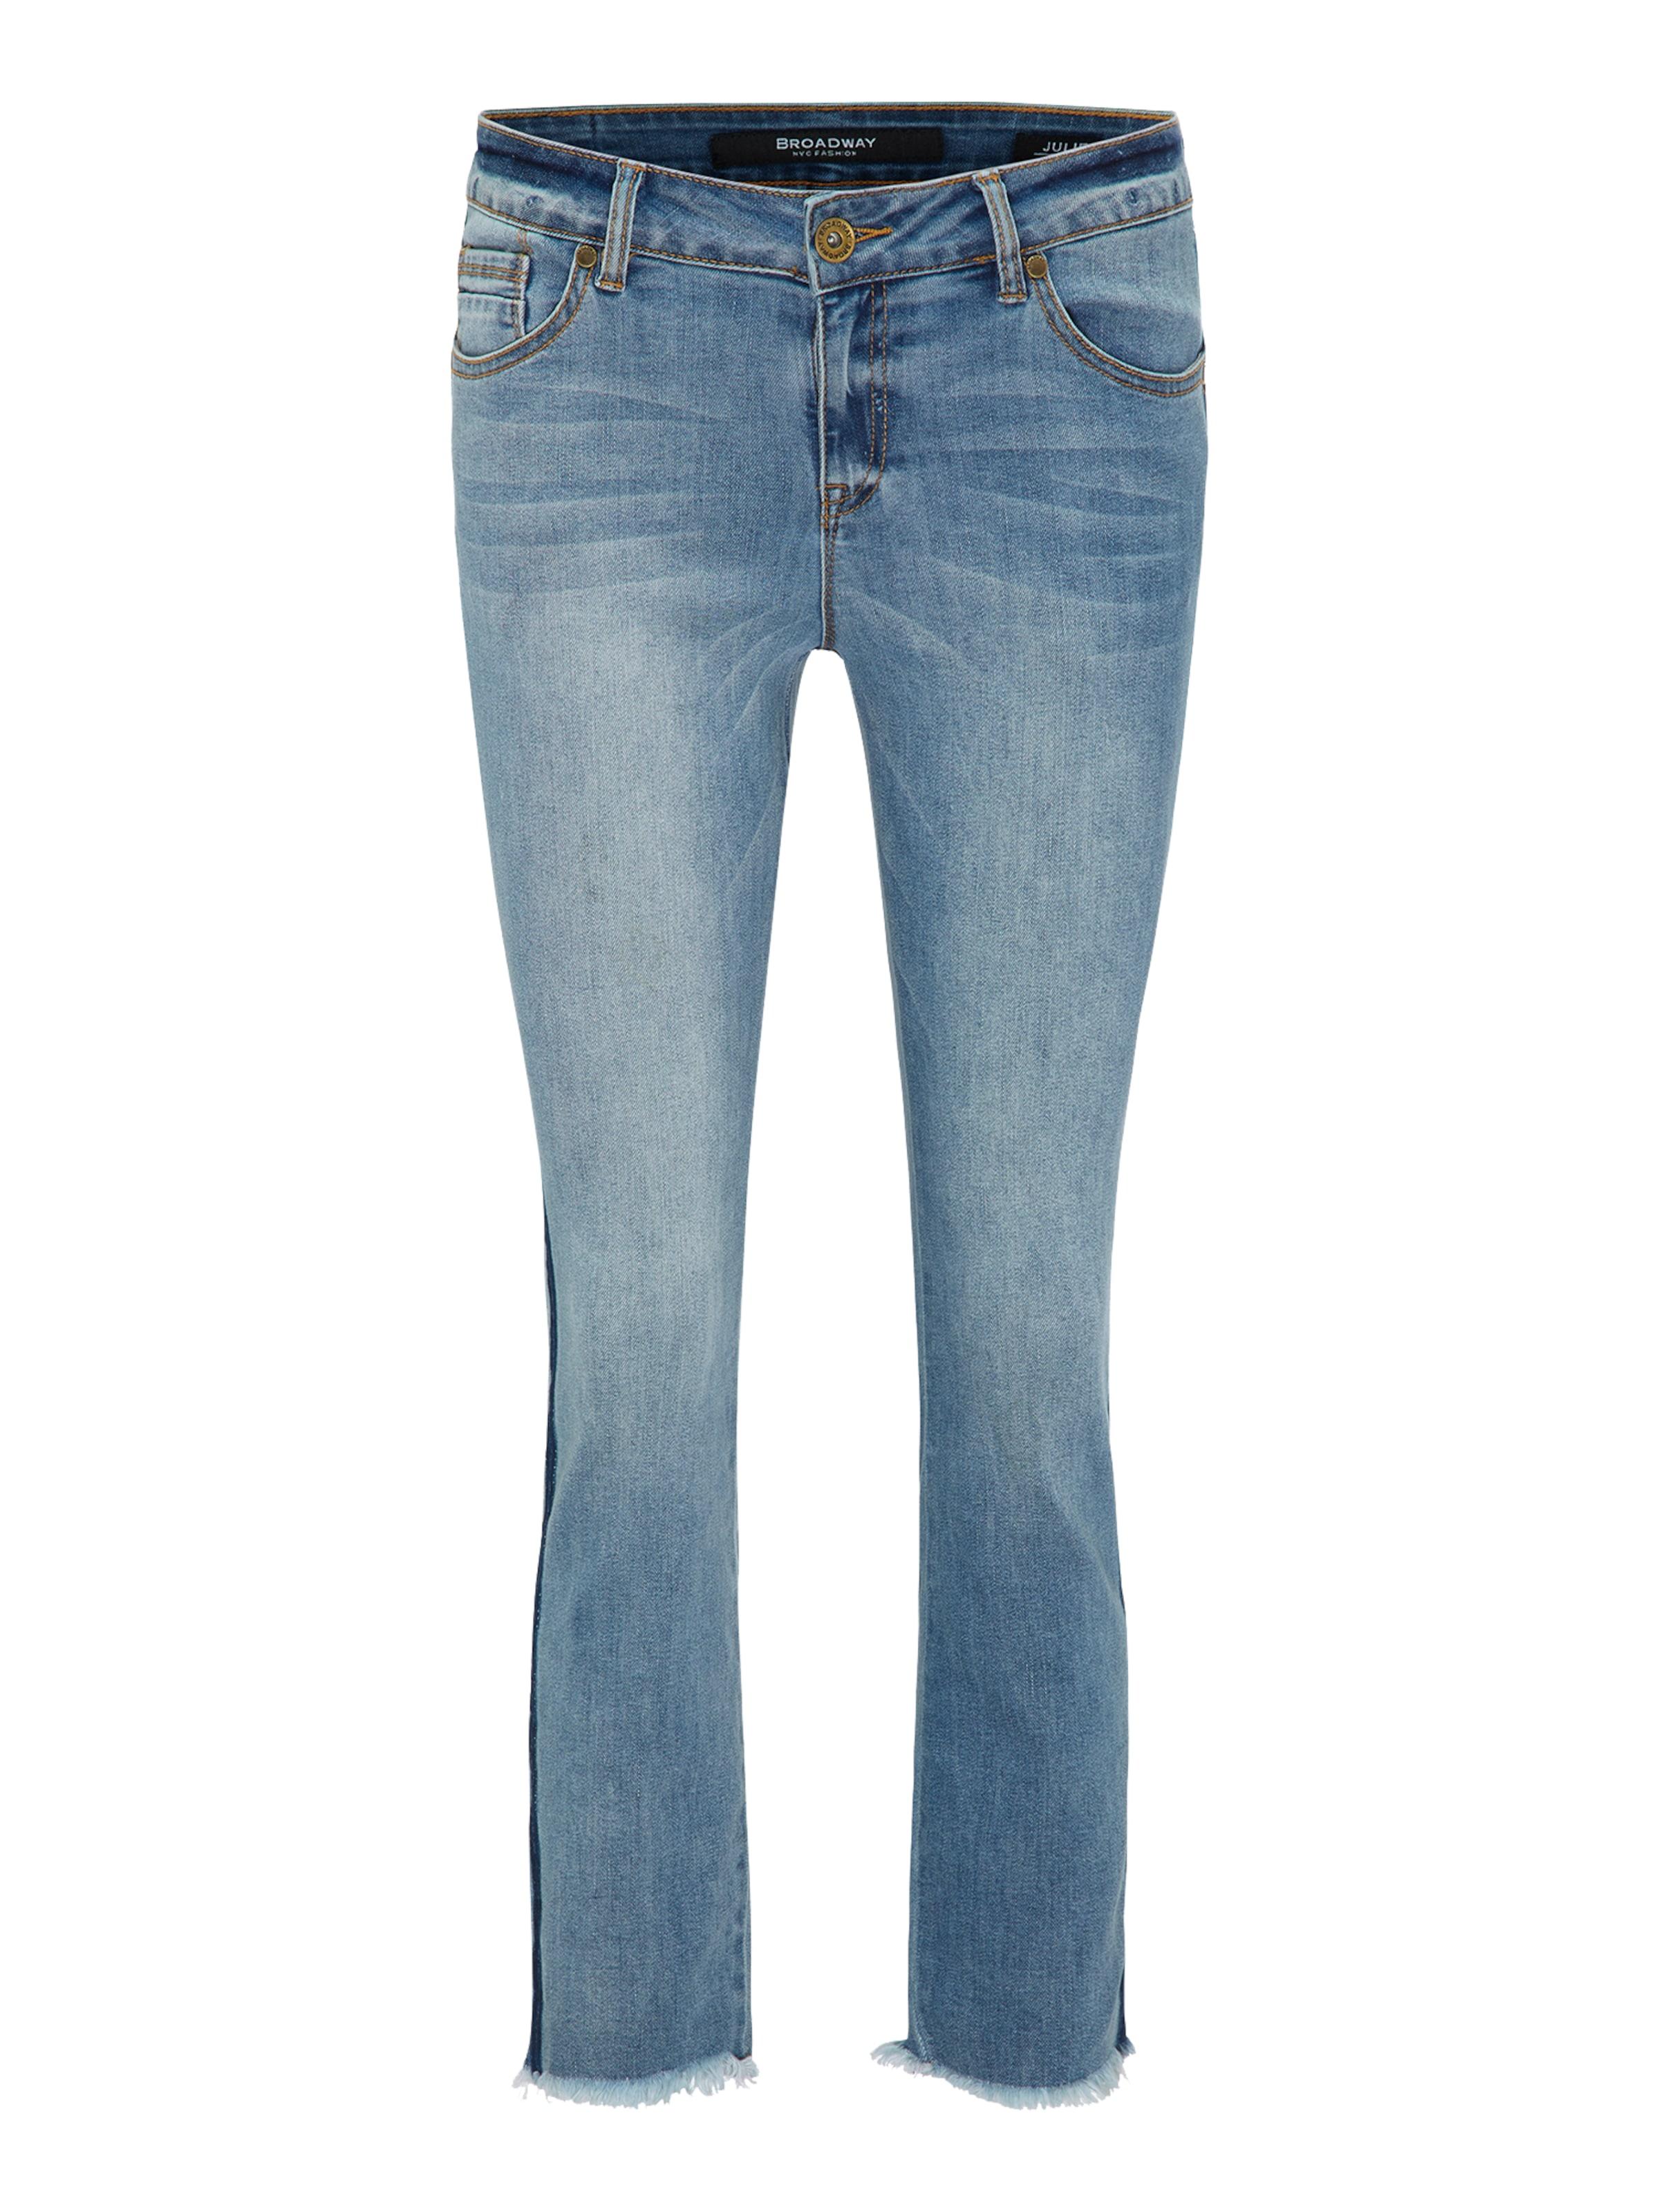 Bleu Broadway 'pants En Julie' Nyc Jean DenimClair Fashion 6yvbfY7g